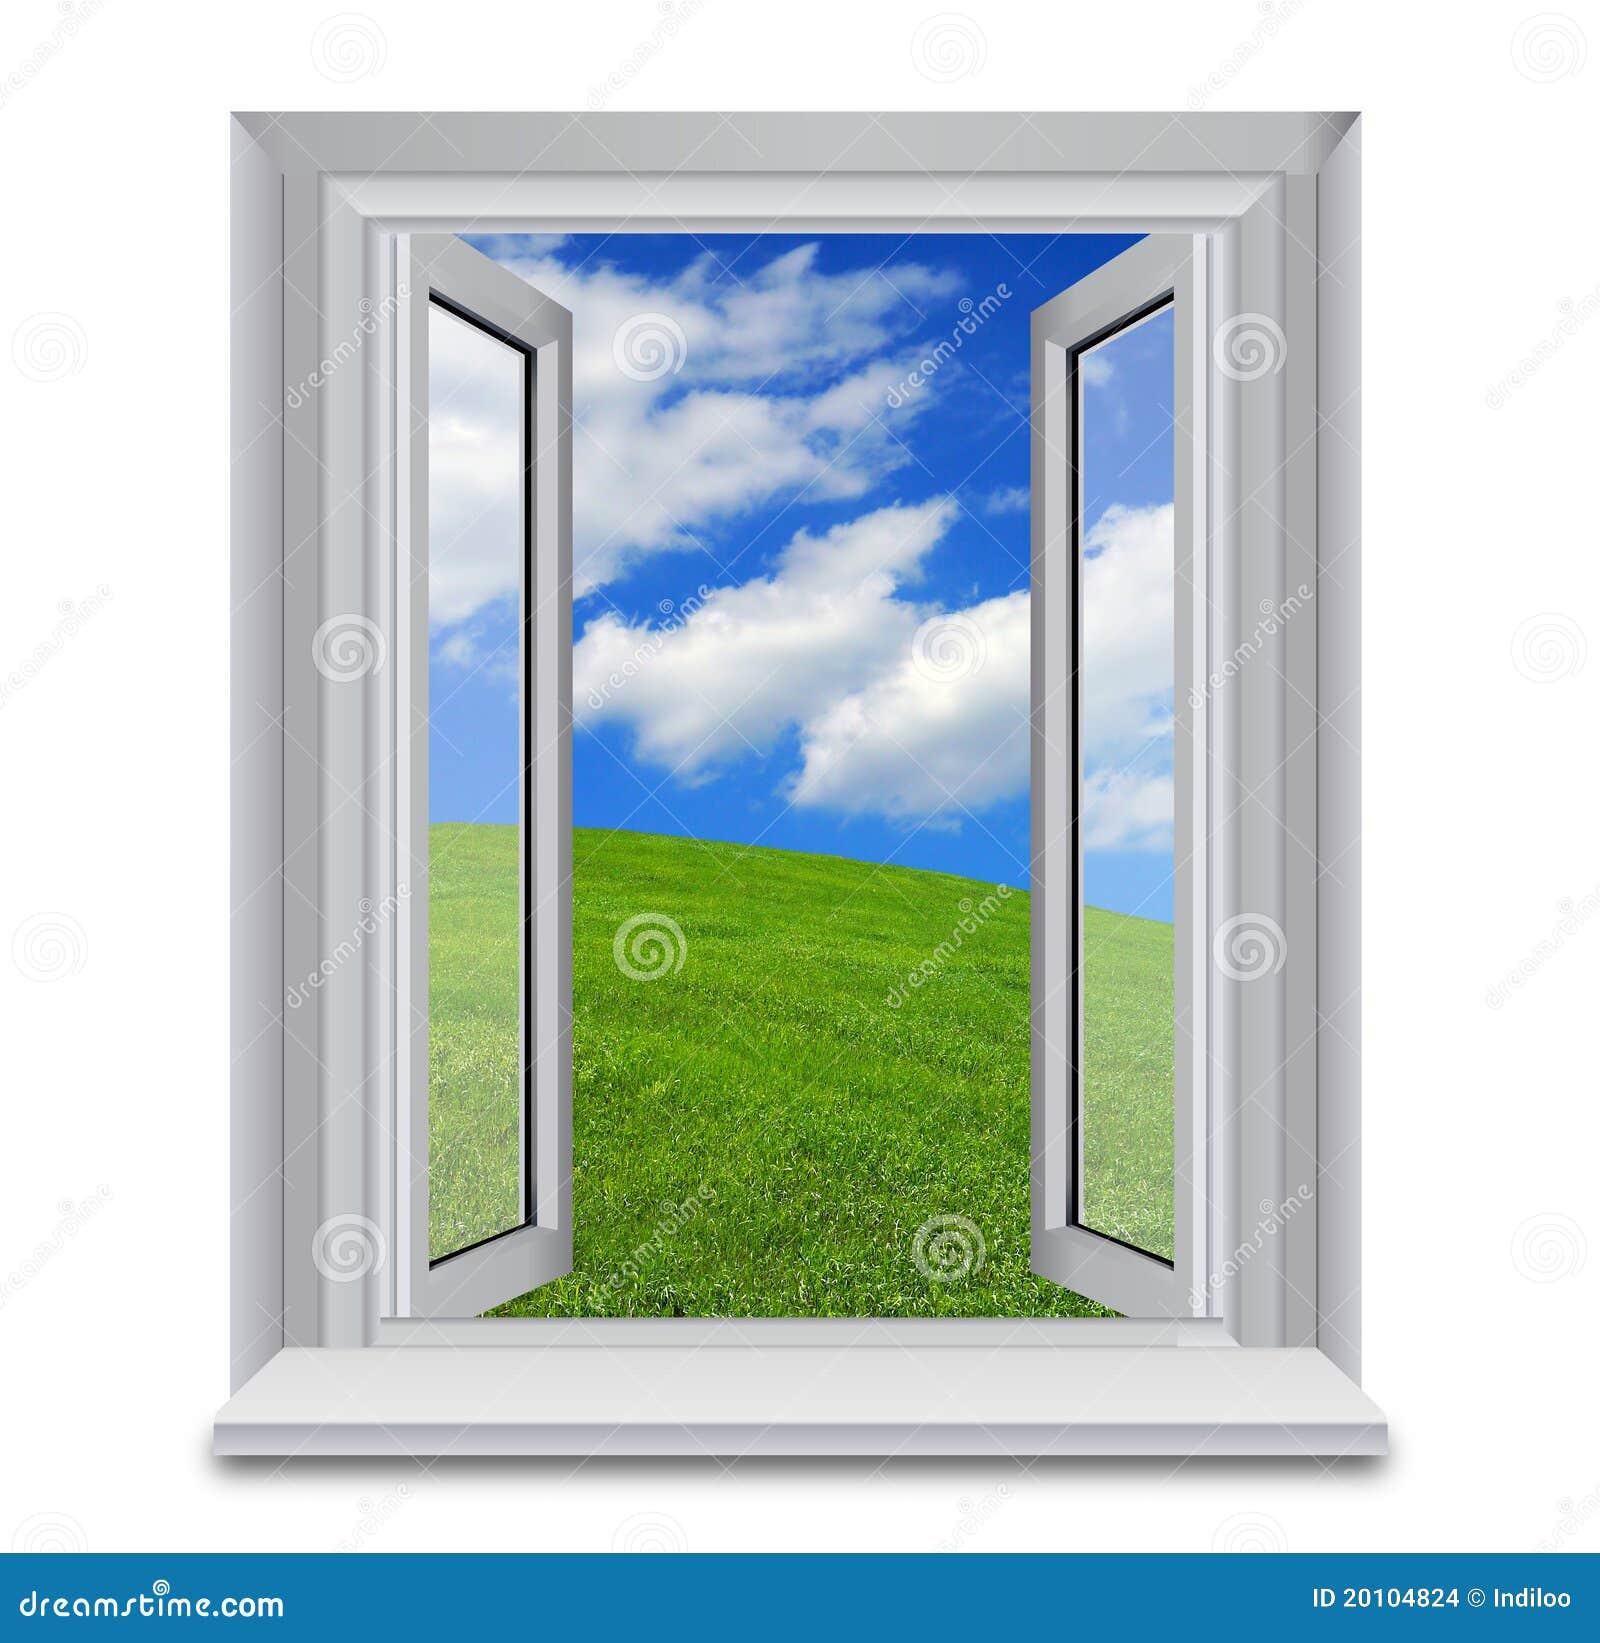 Finestra aperta ai cieli blu immagini stock immagine for Finestra immagini